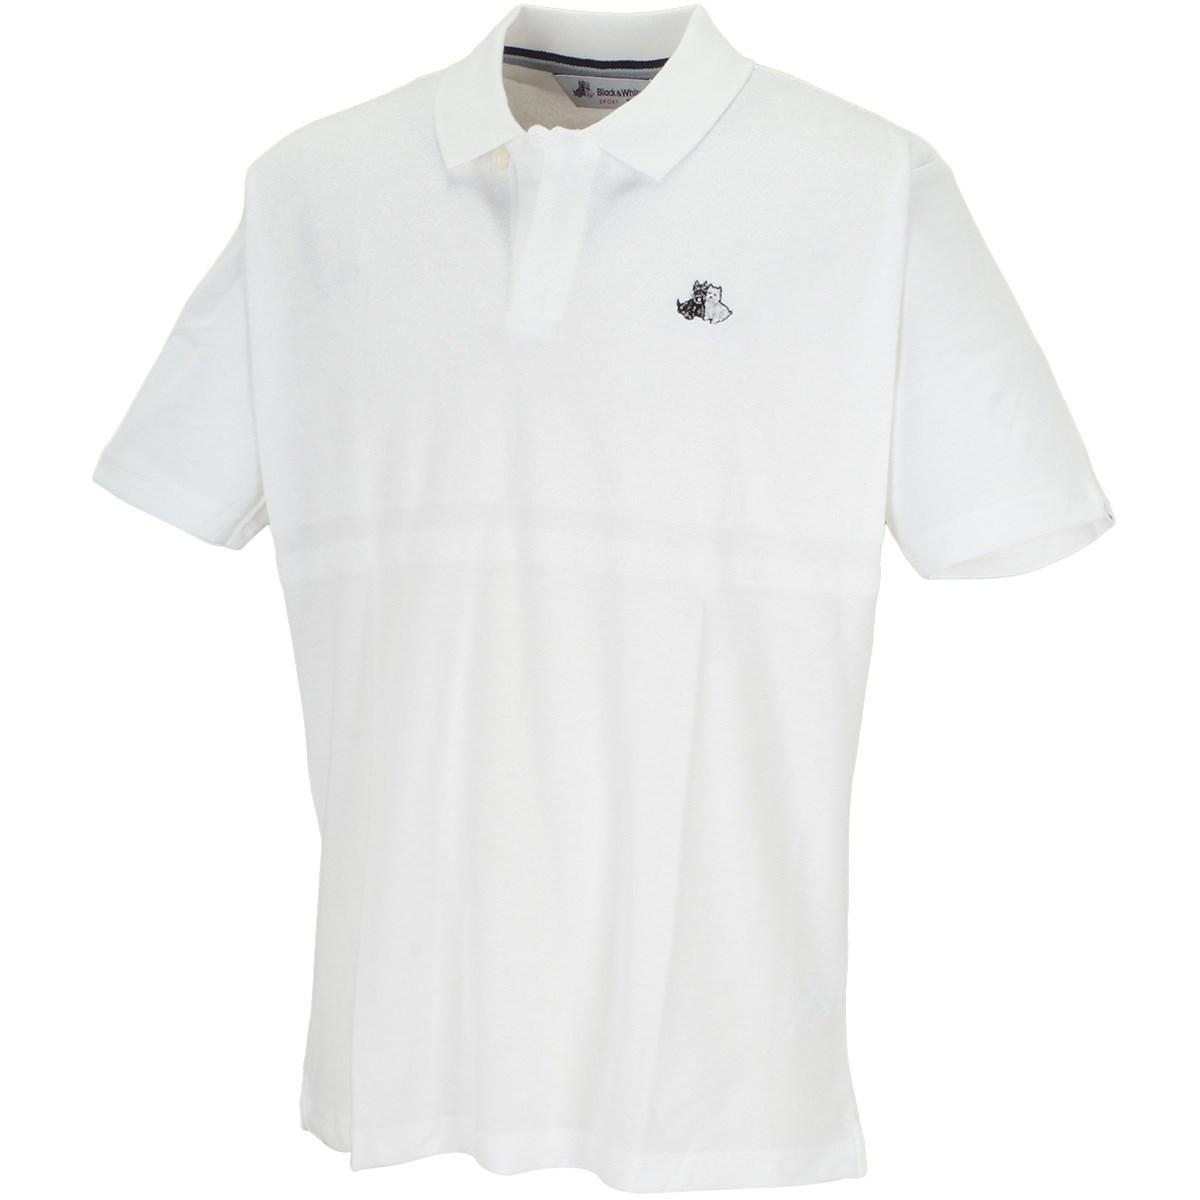 ブラック&ホワイト 半袖ポロシャツ